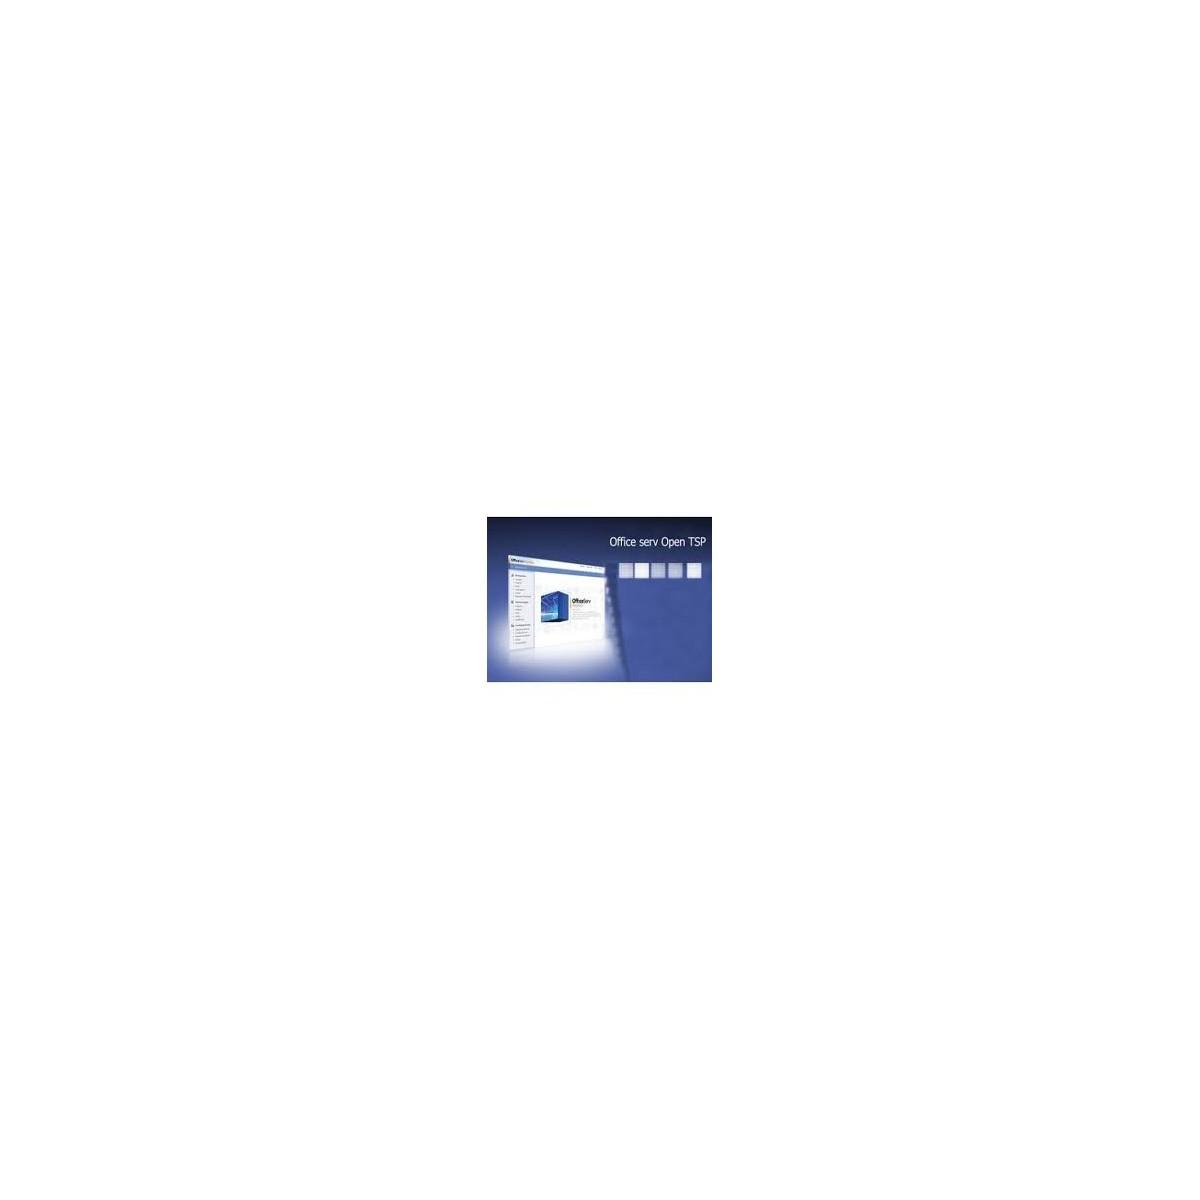 Officeserv OPEN TSP Samsung